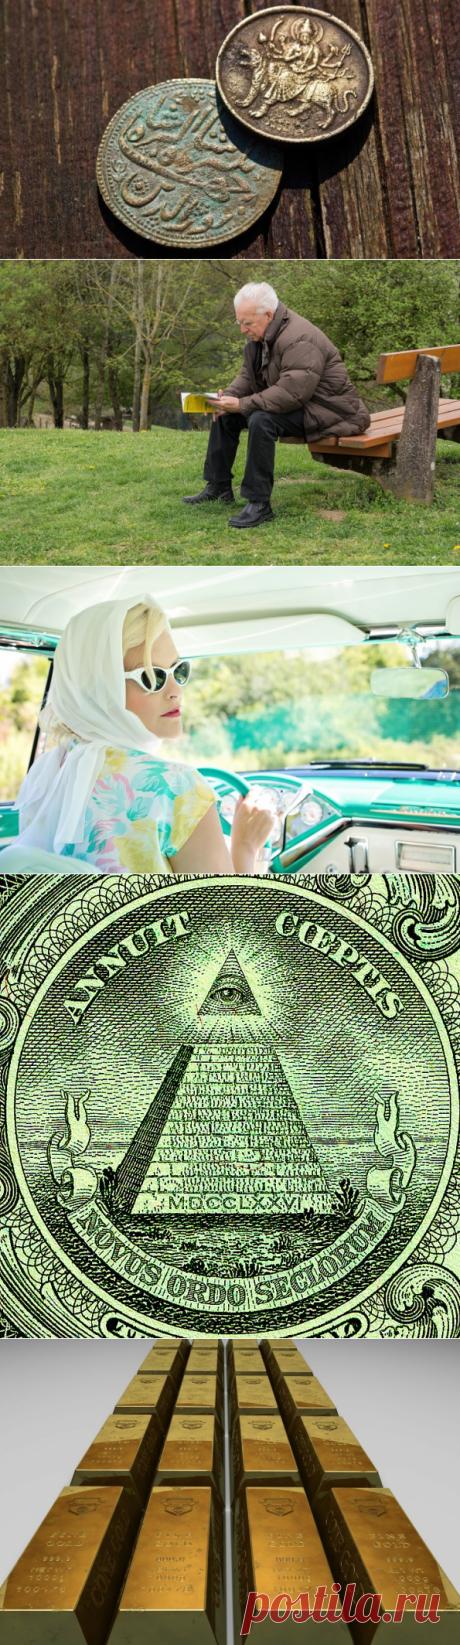 Что вы знаете про деньги? | Деньги